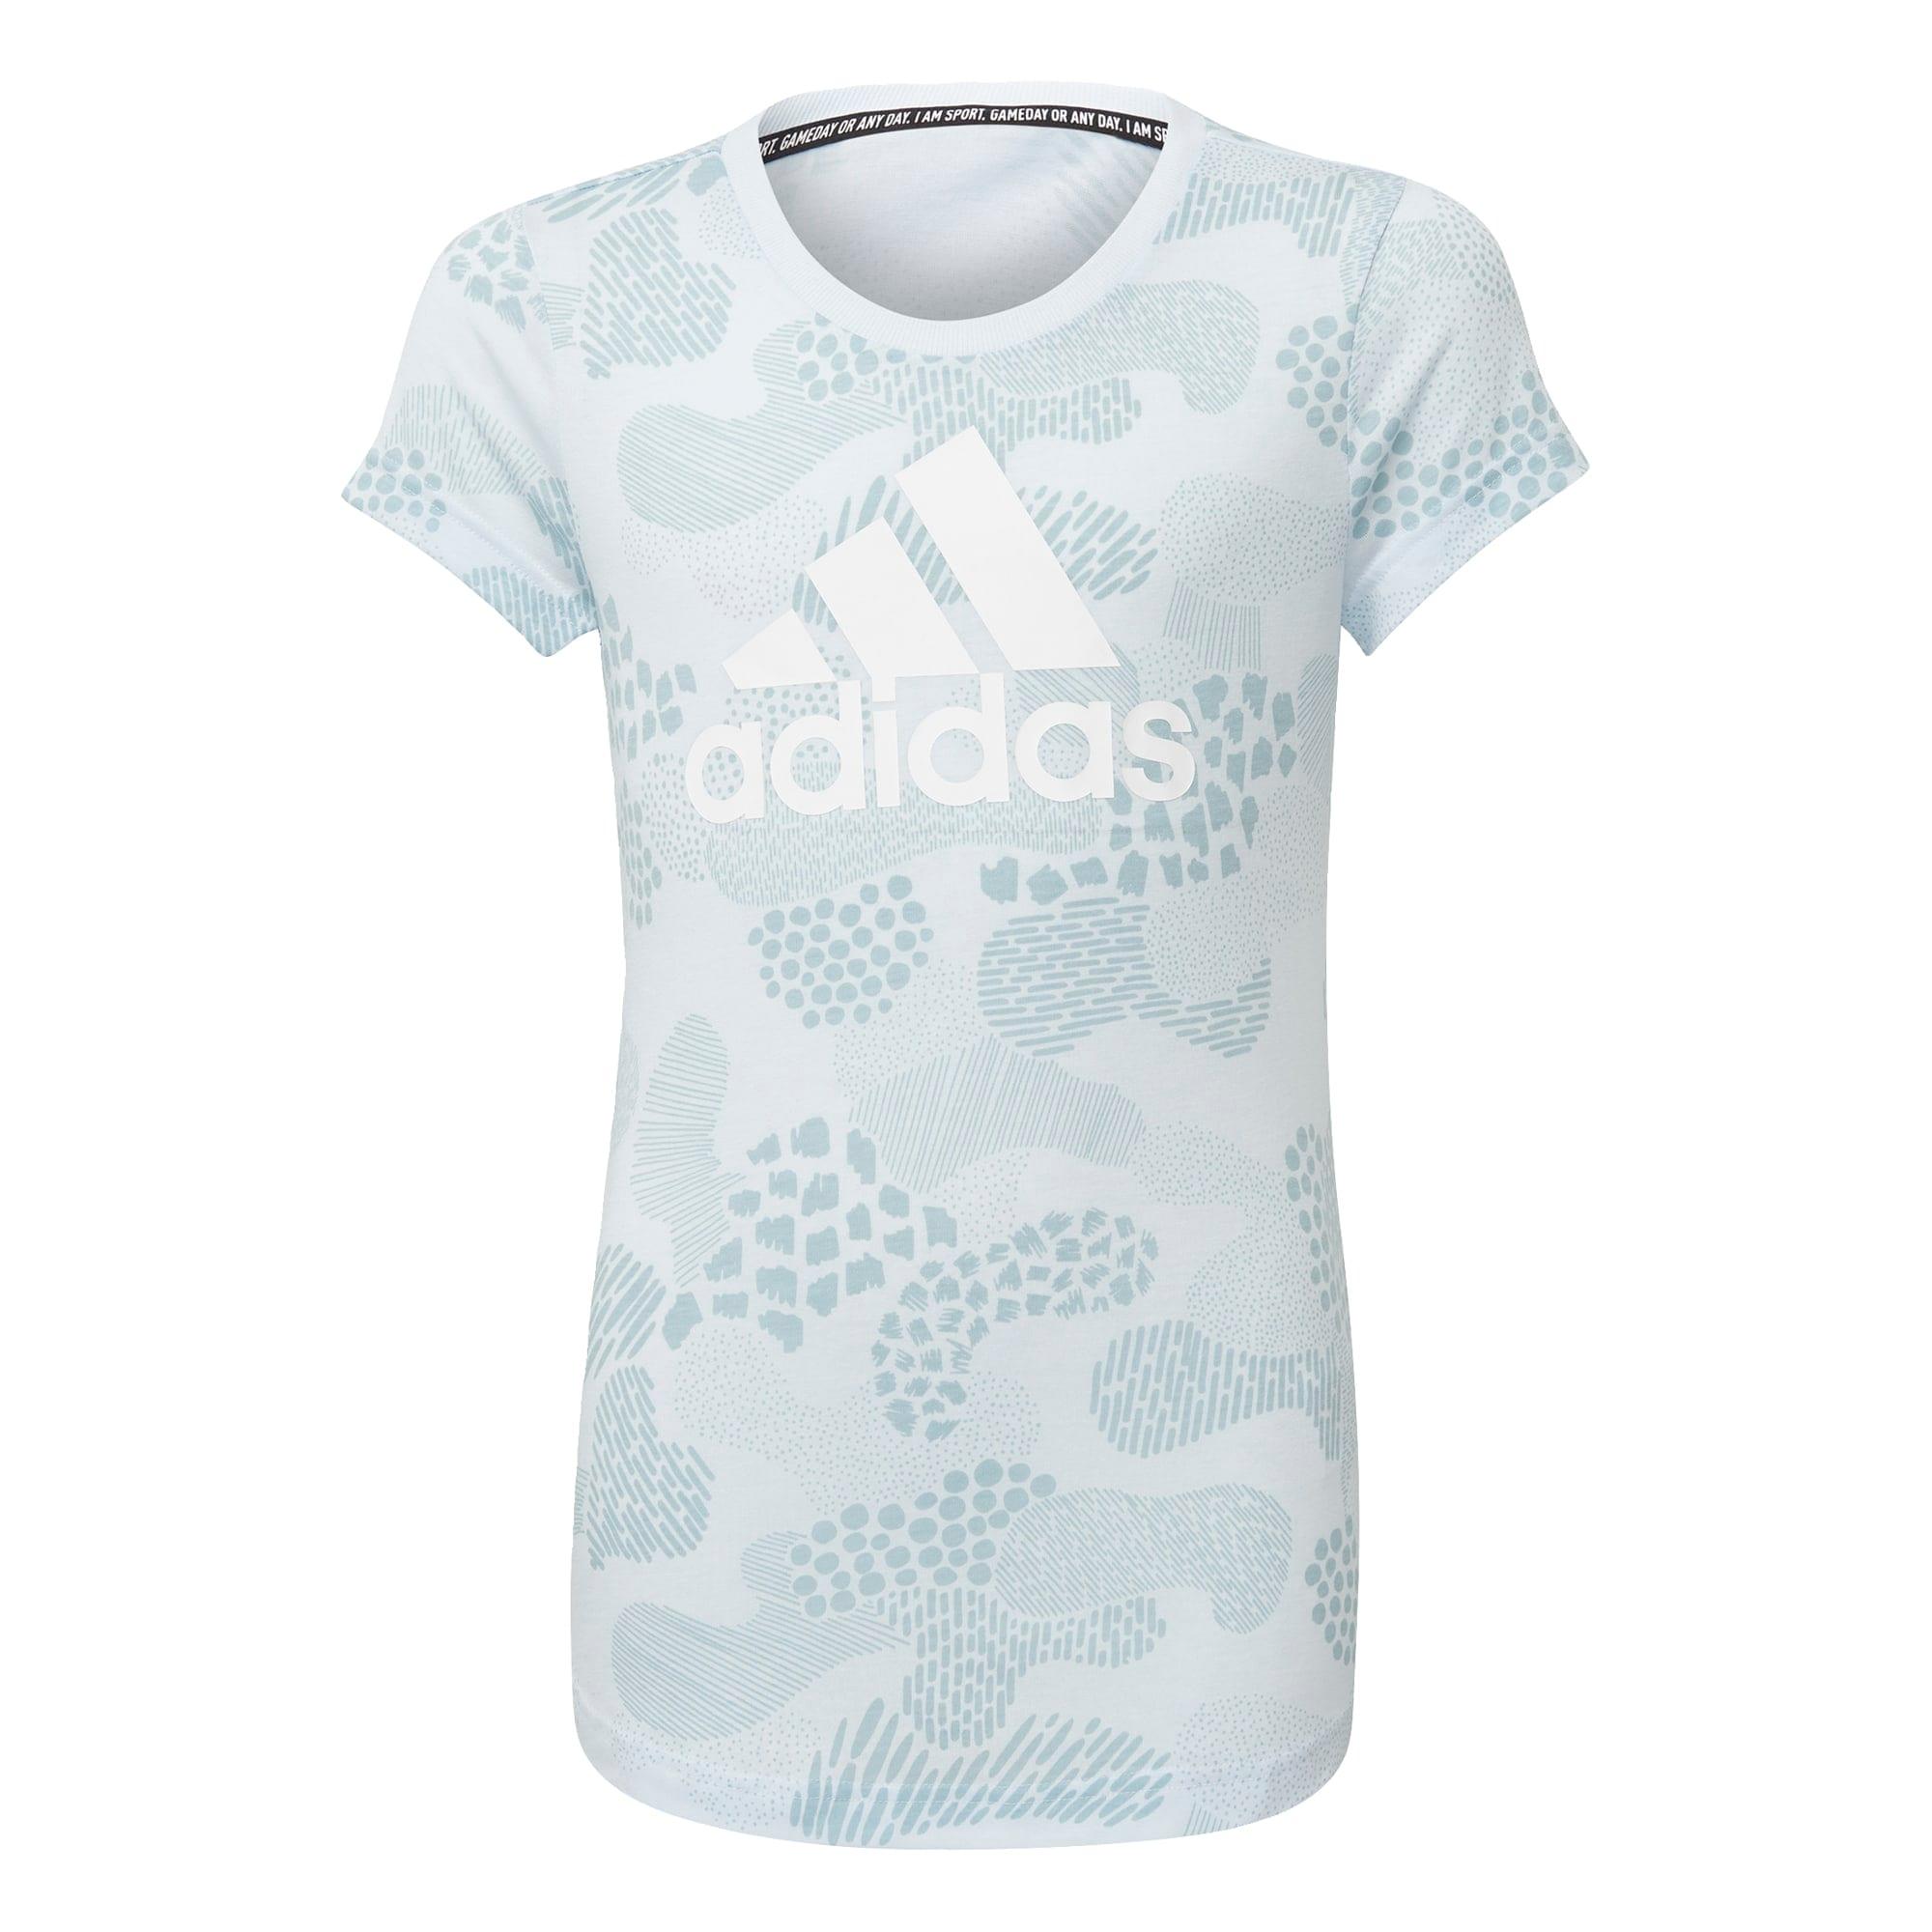 ADIDAS PERFORMANCE Sportiniai marškinėliai margai mėlyna / šviesiai mėlyna / balta